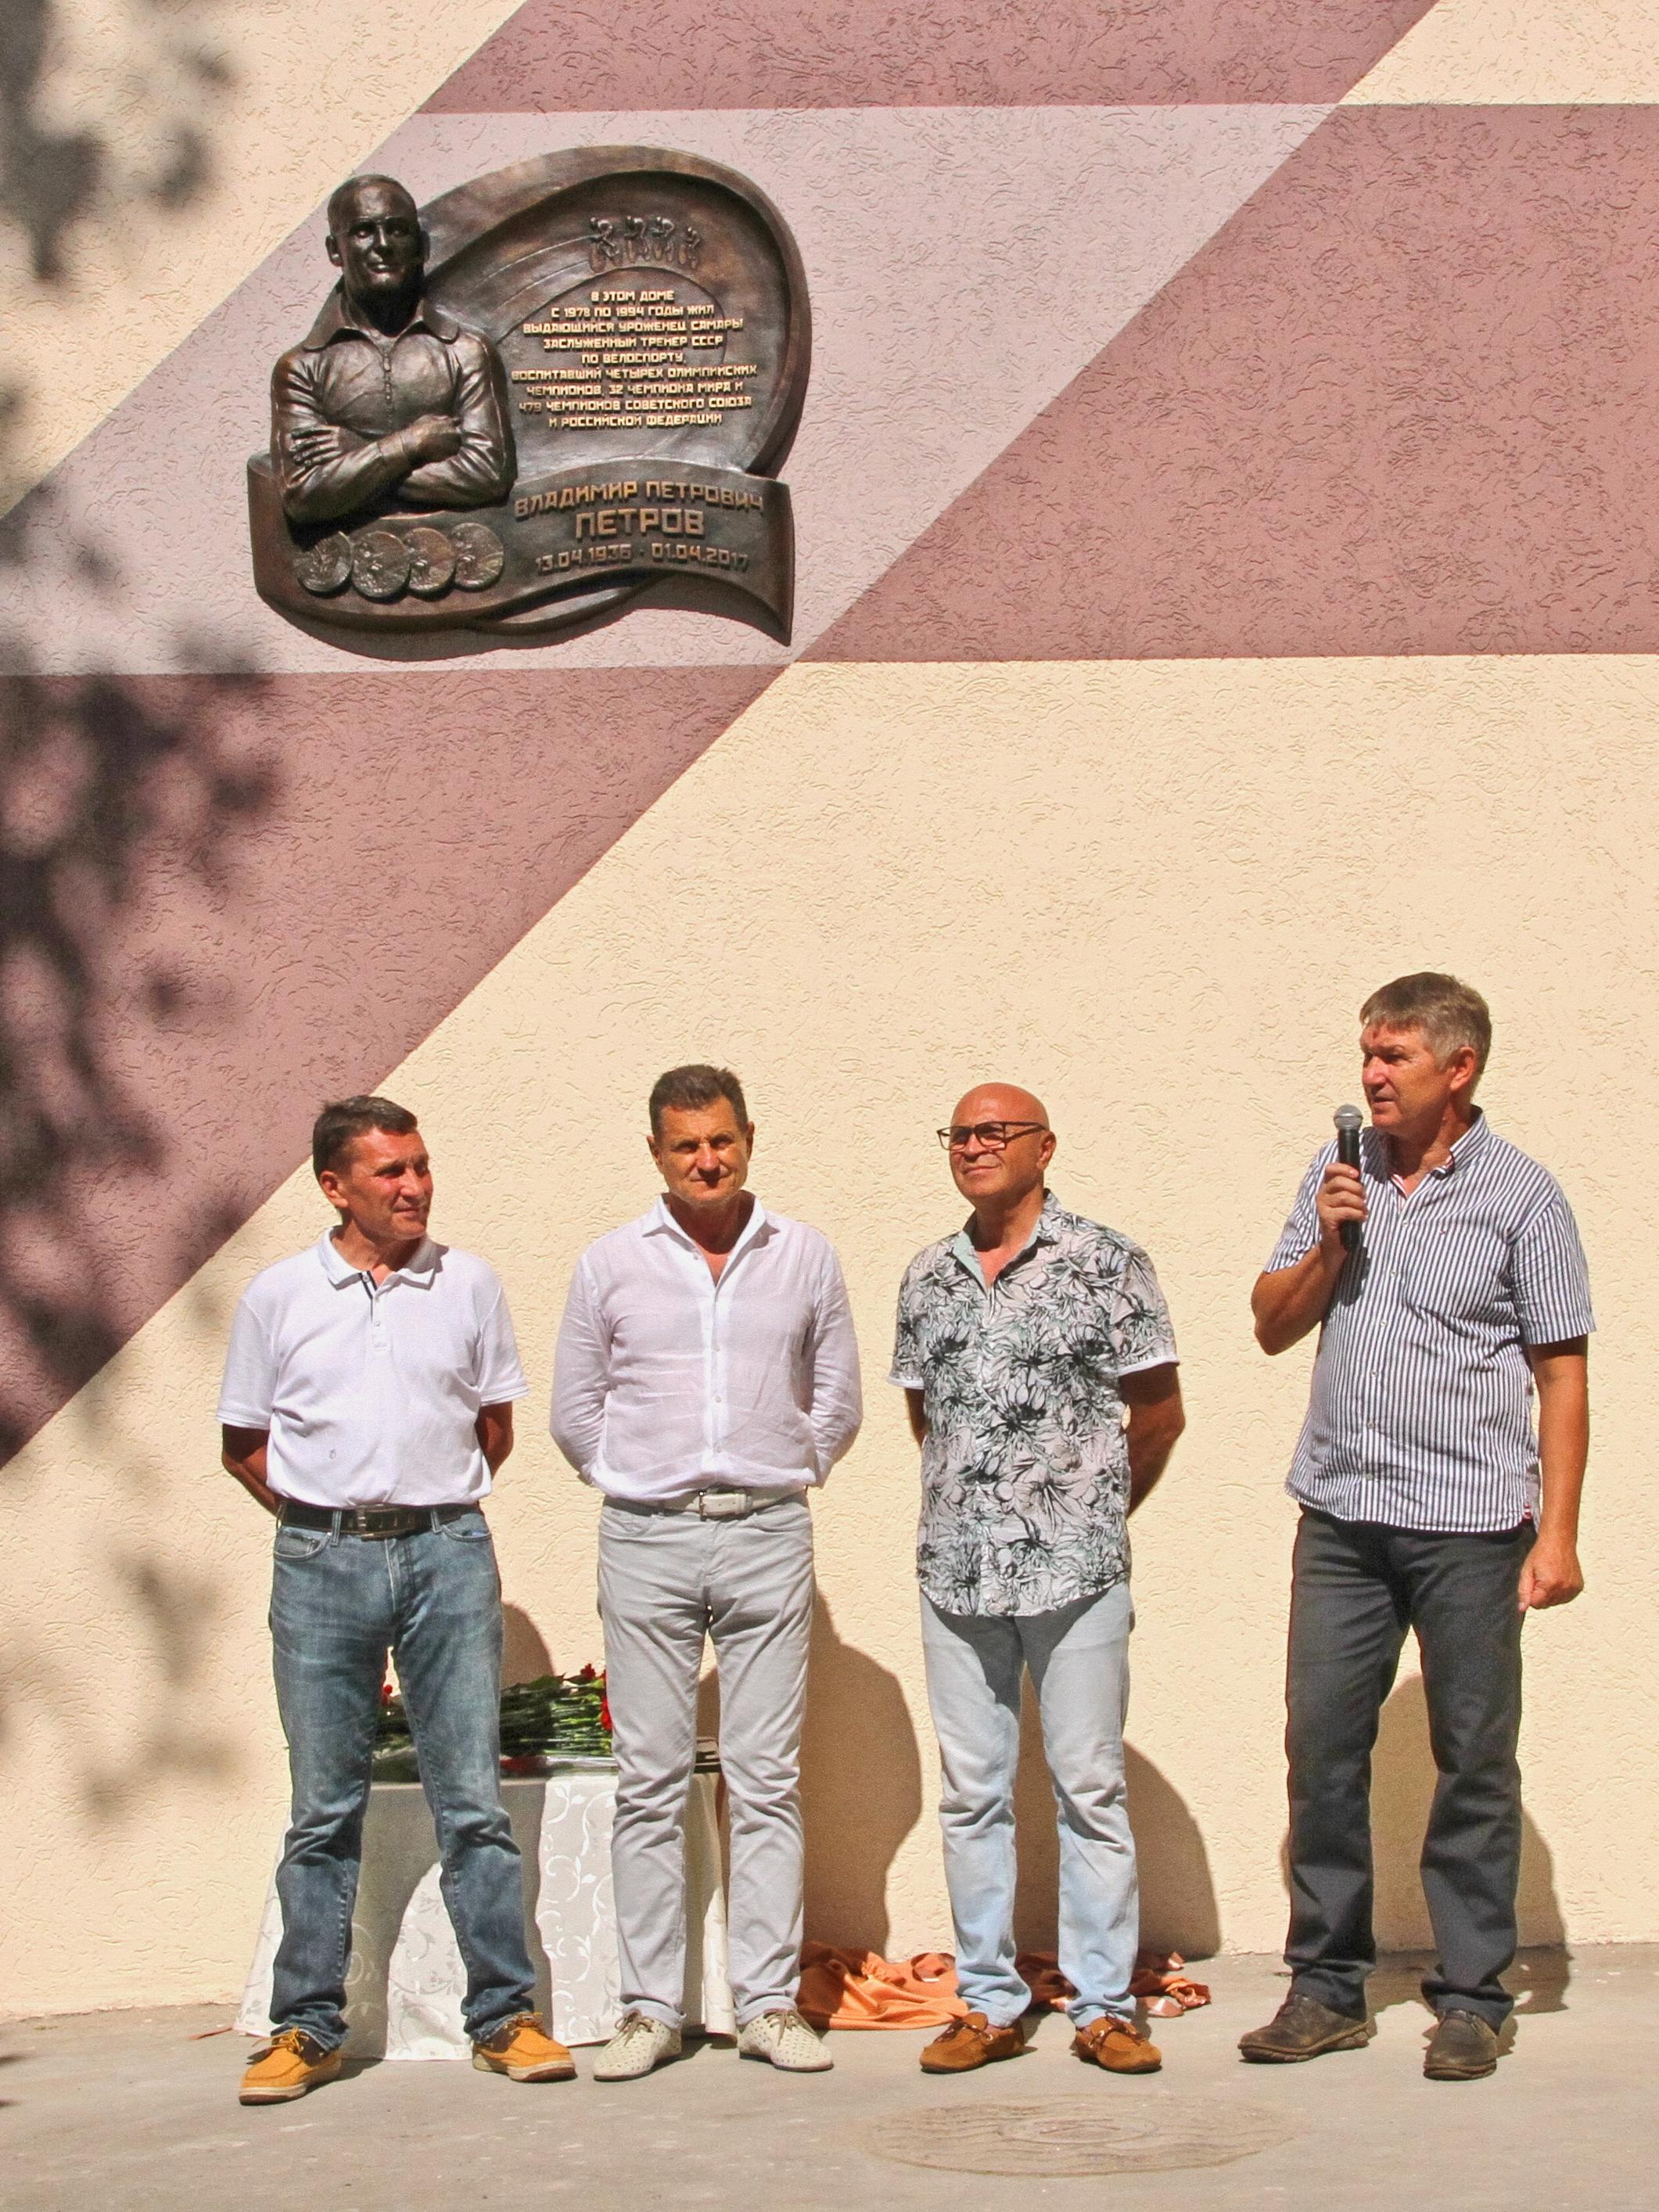 В Самаре открыта мемориальная доска в честь тренера по велоспорту В.П.Петрова